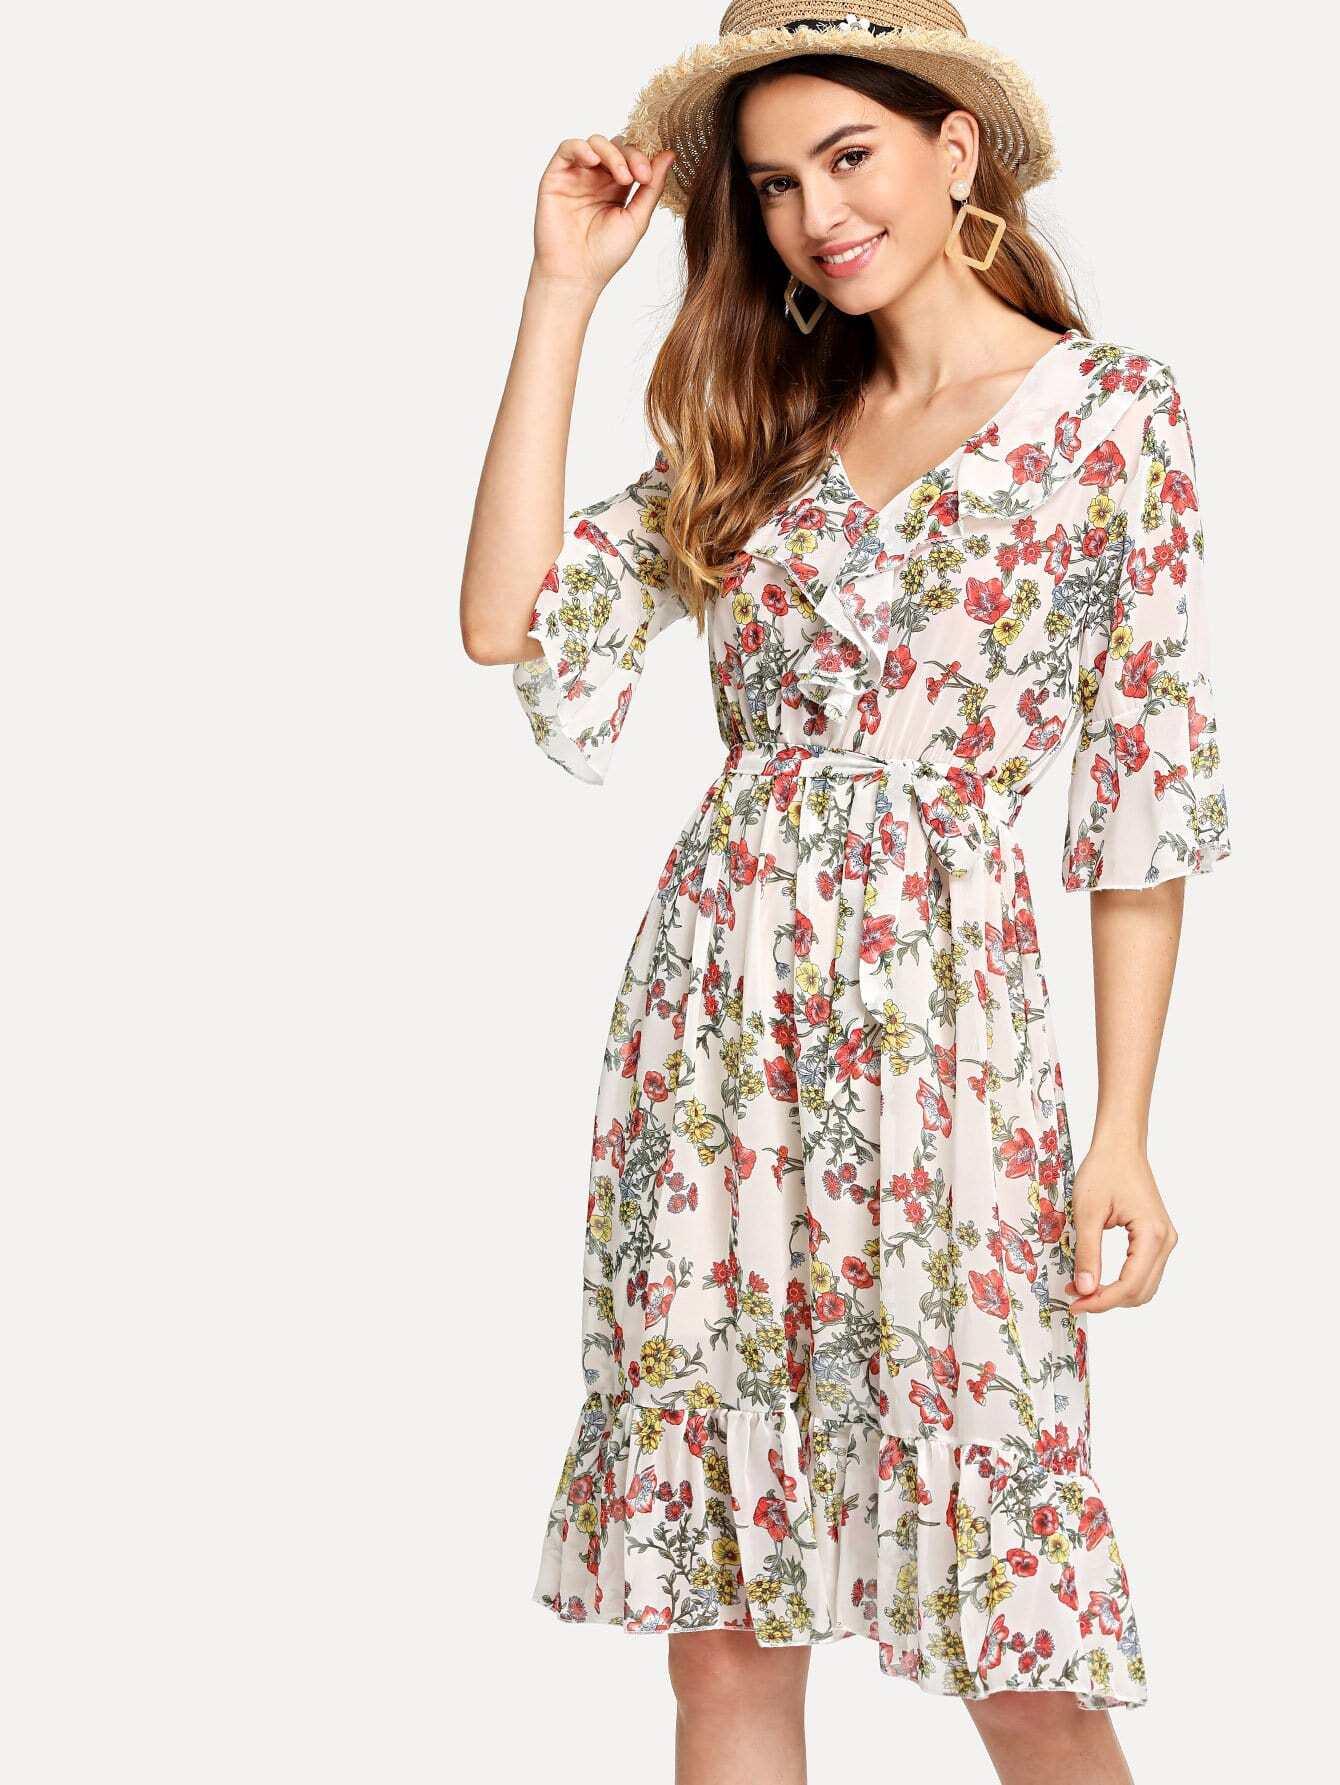 Self Tie Waist Ruffle Hem Florals Dress self tie waist ruffle skirt